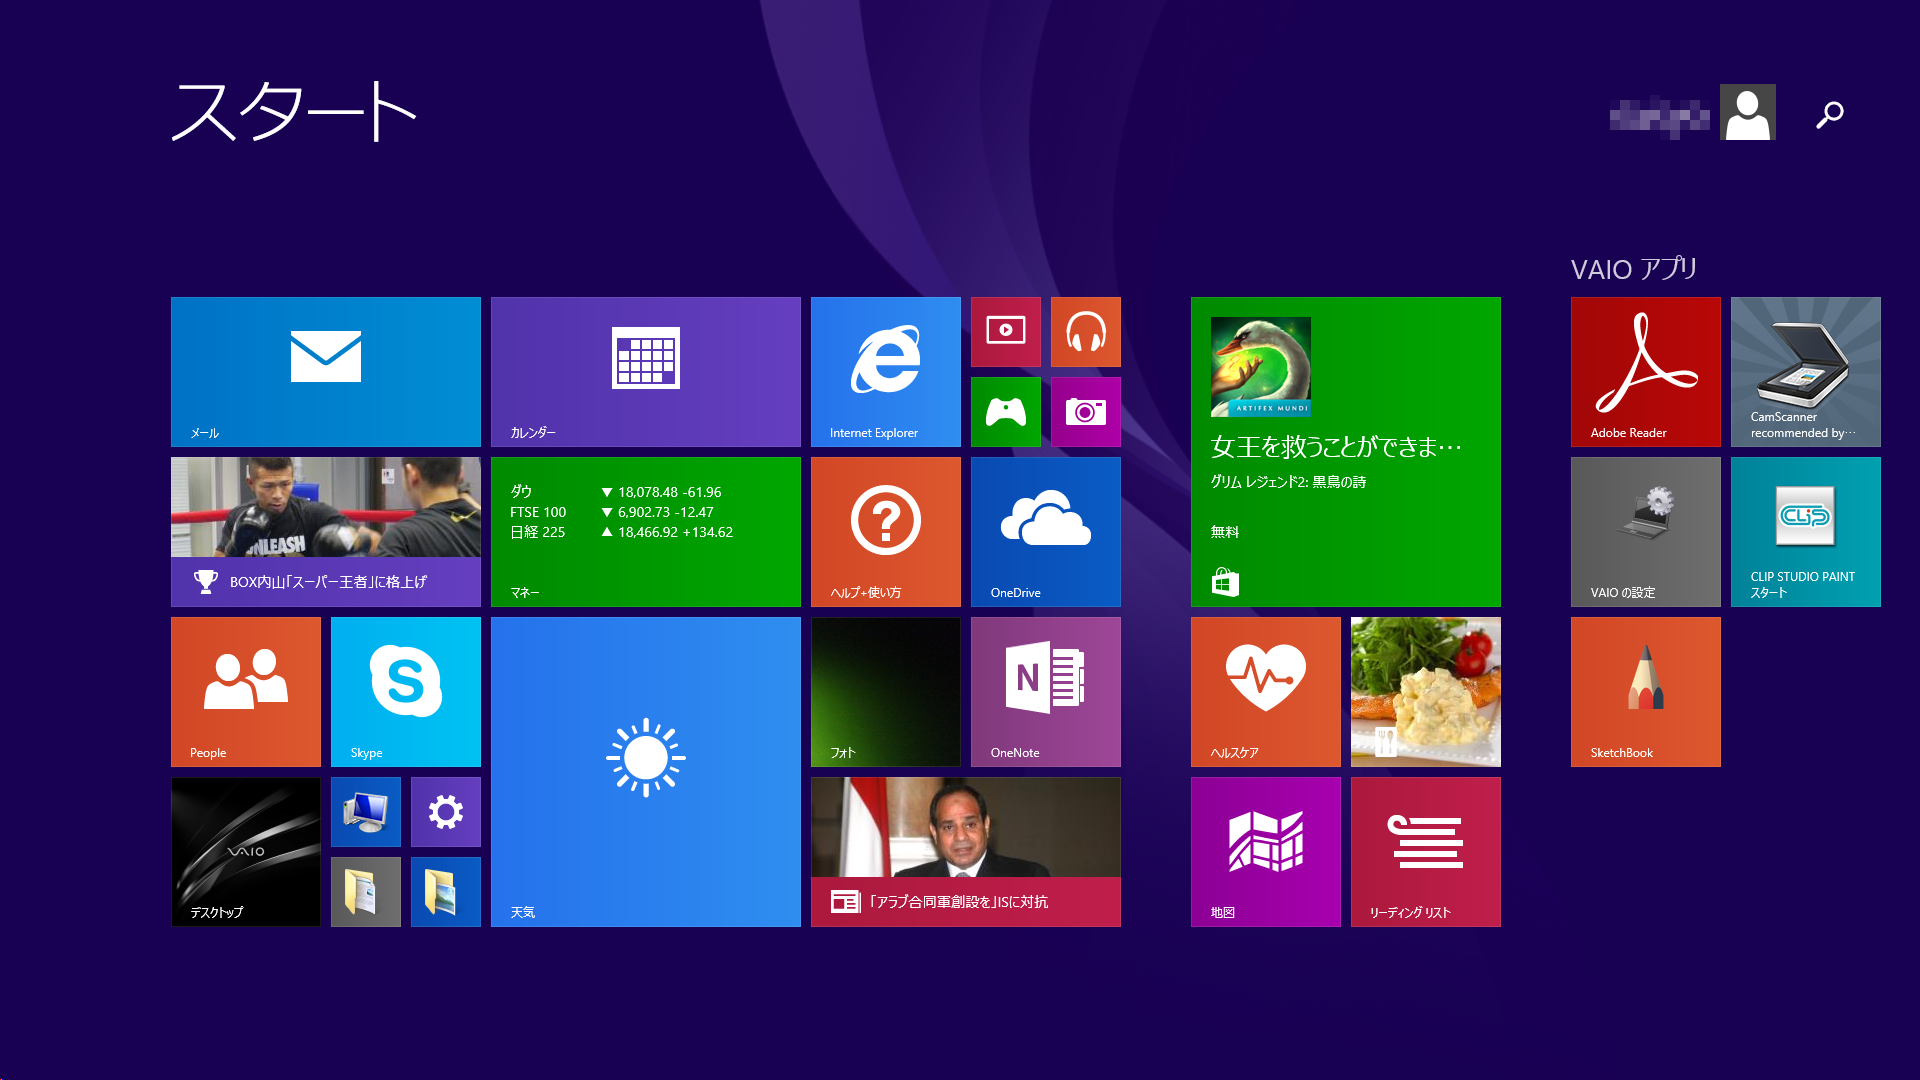 デスクトップ画面。OSはWindows 8.1 Pro Update(64bit版)をプリインストールする。なおこの画面は1,920×1,080ドットに調節した状態のもの